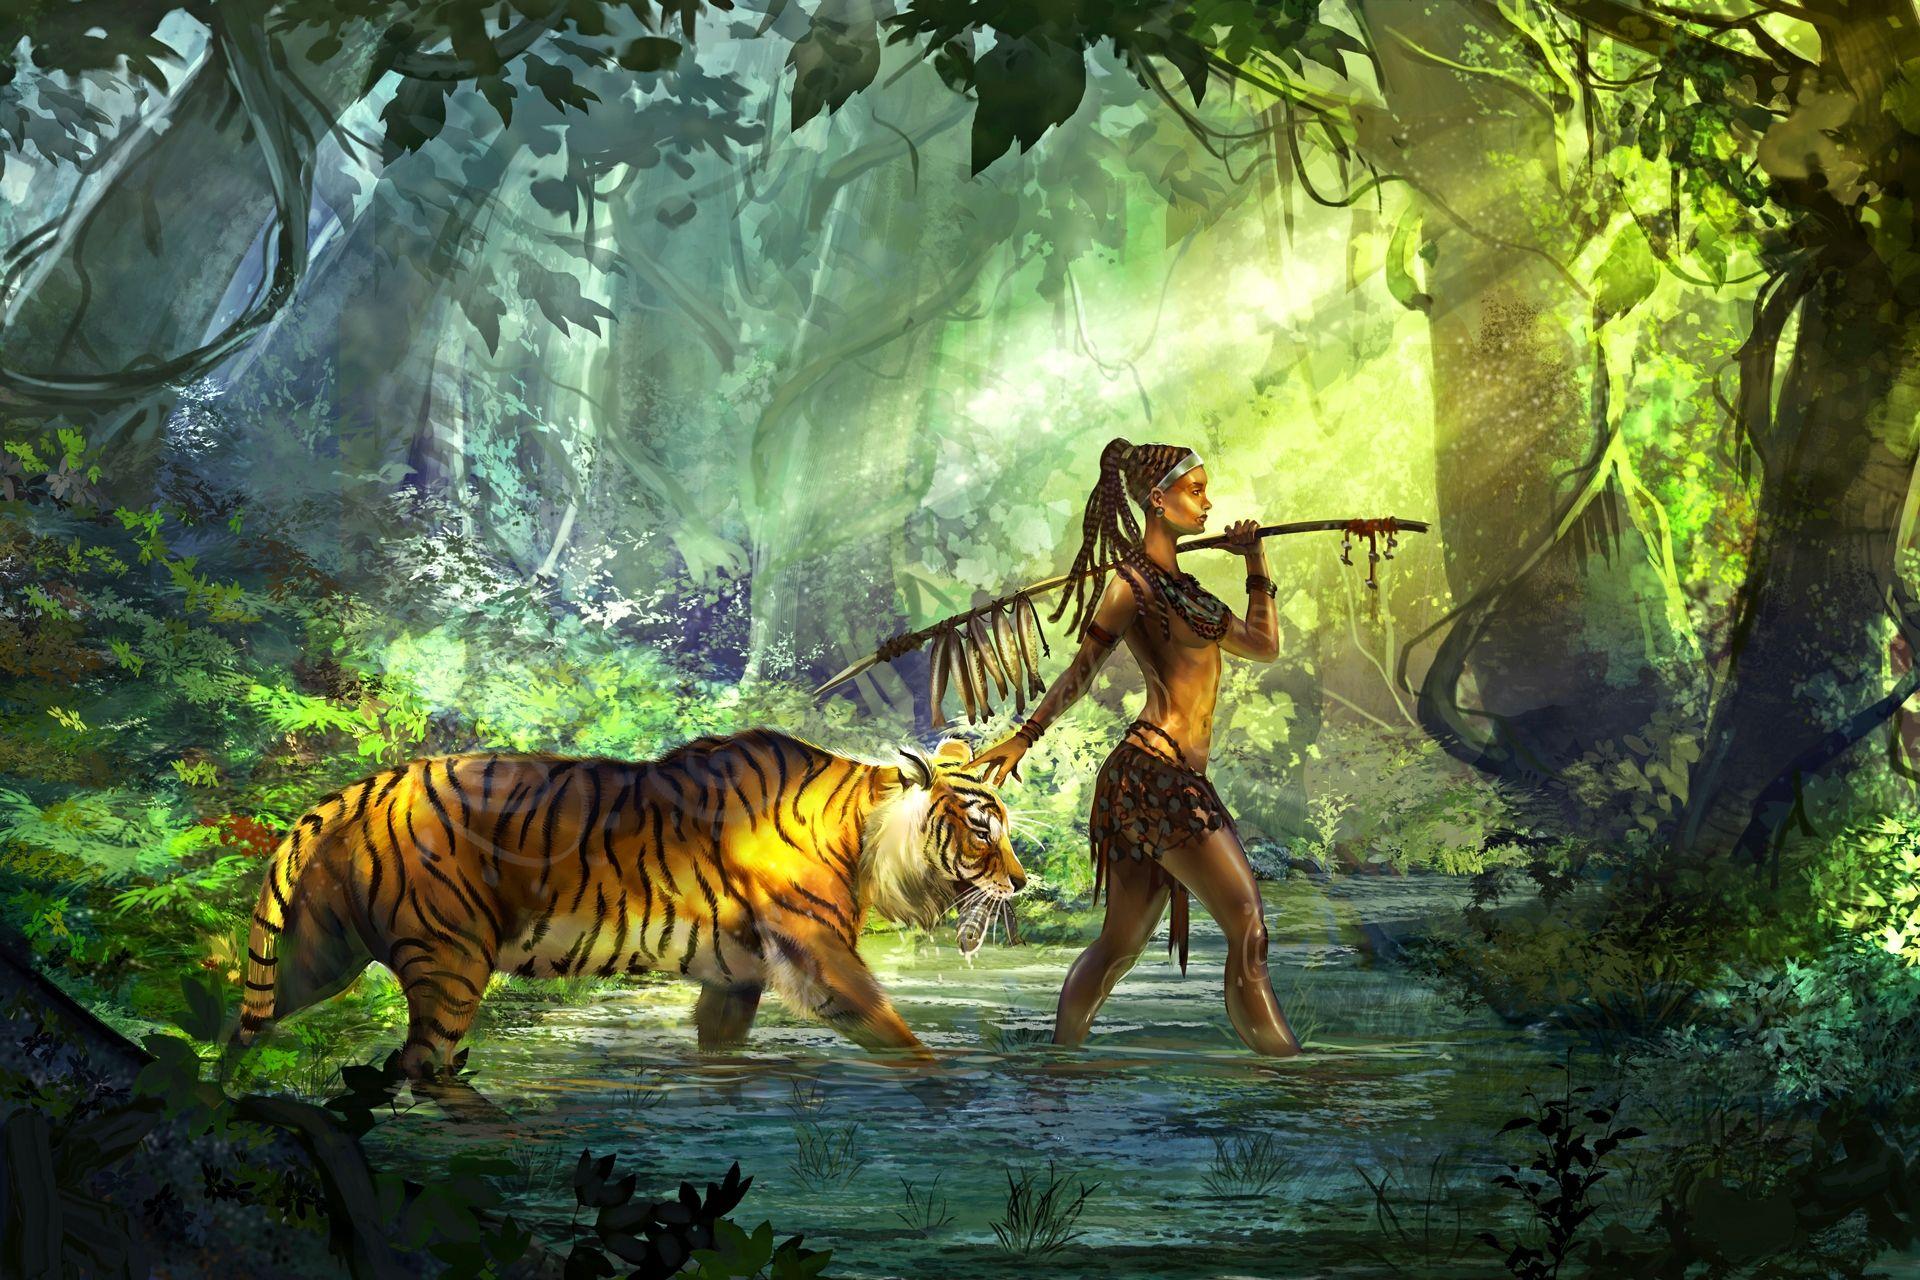 него картинки фэнтези и тигры утюгом